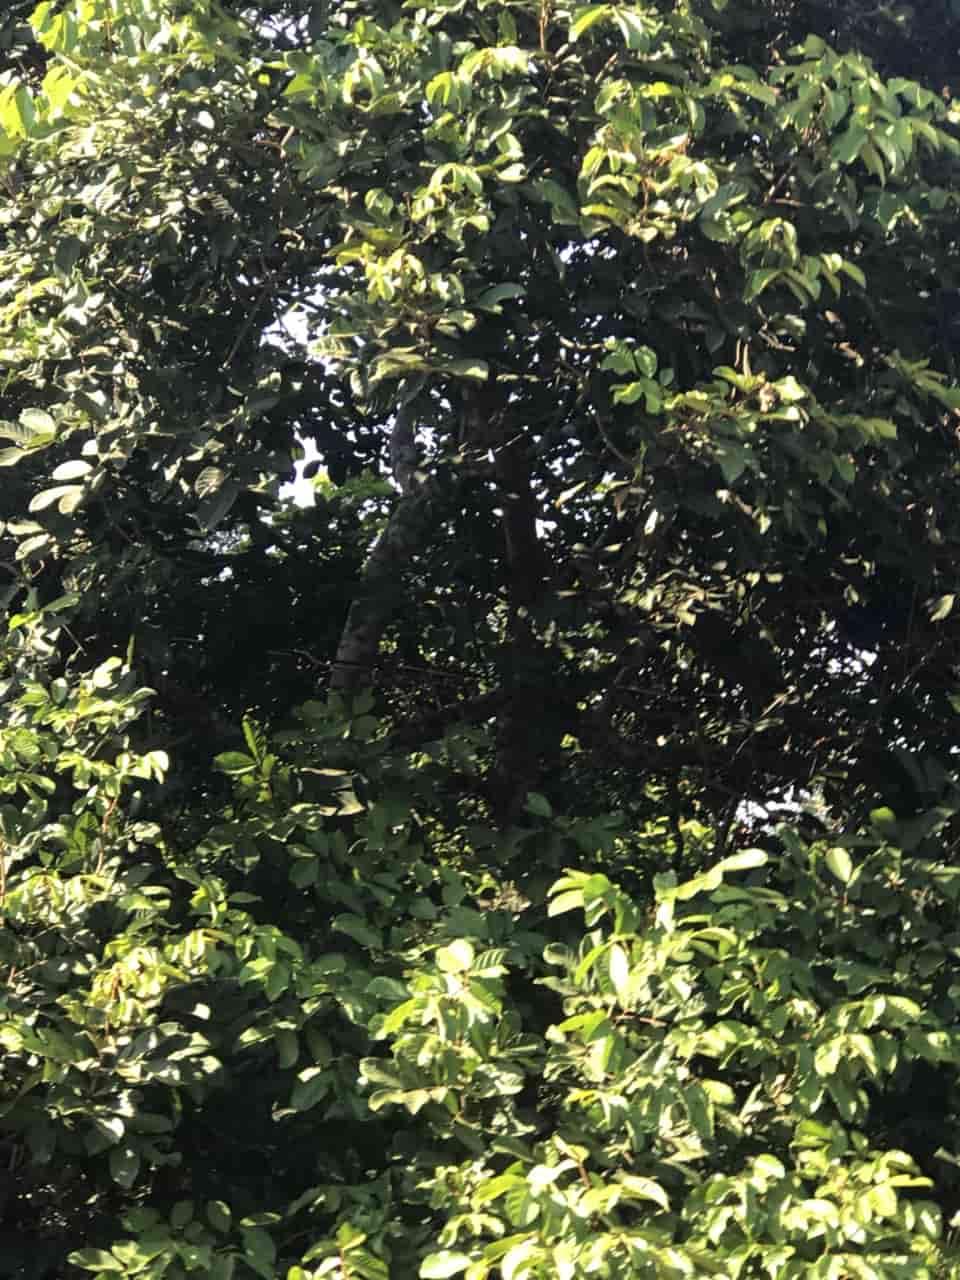 Cần Bán Mảnh Vườn Rộng 13611 m2 Tại Xã Xuân Tân Thị Xã Long Khánh